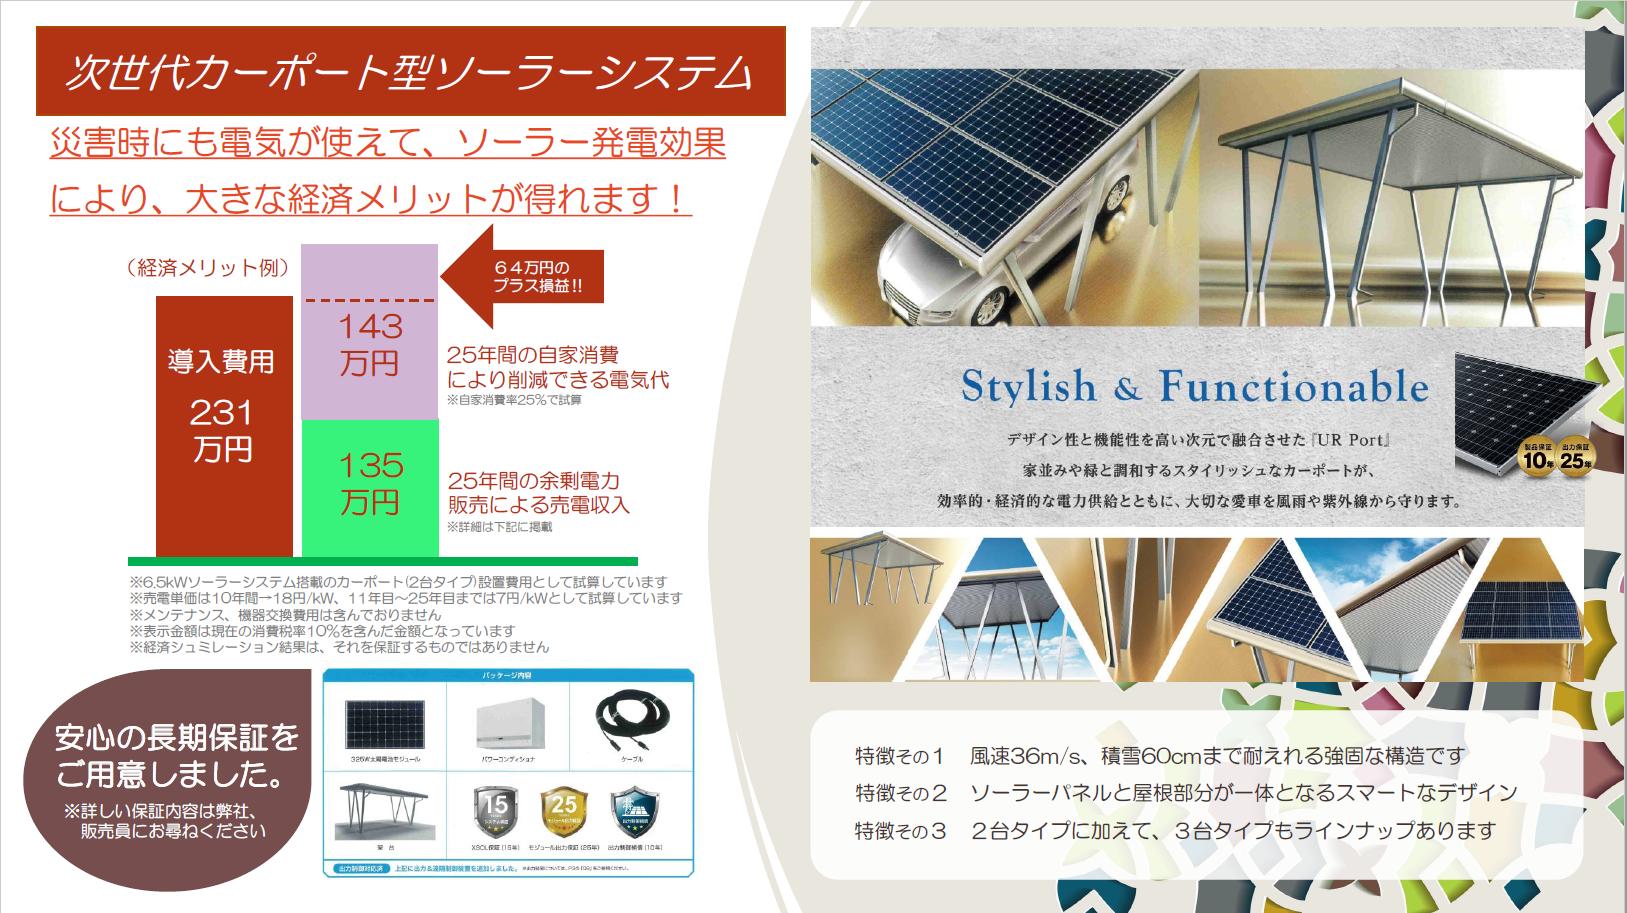 商品画像:カーポート型ソーラーシステム